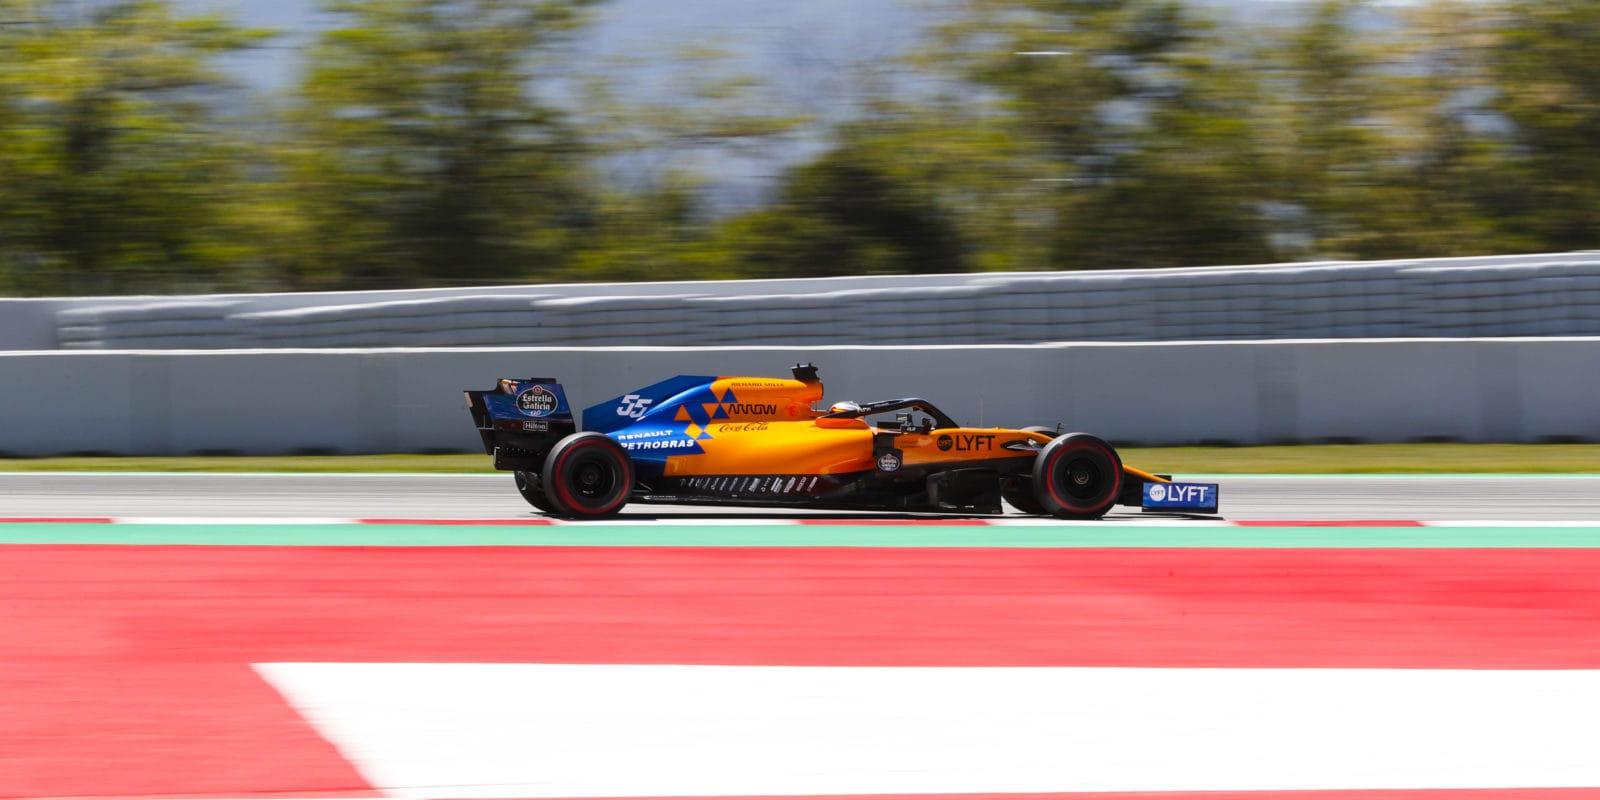 McLaren by mohl mít v Monaku problém, naznačila Barcelona